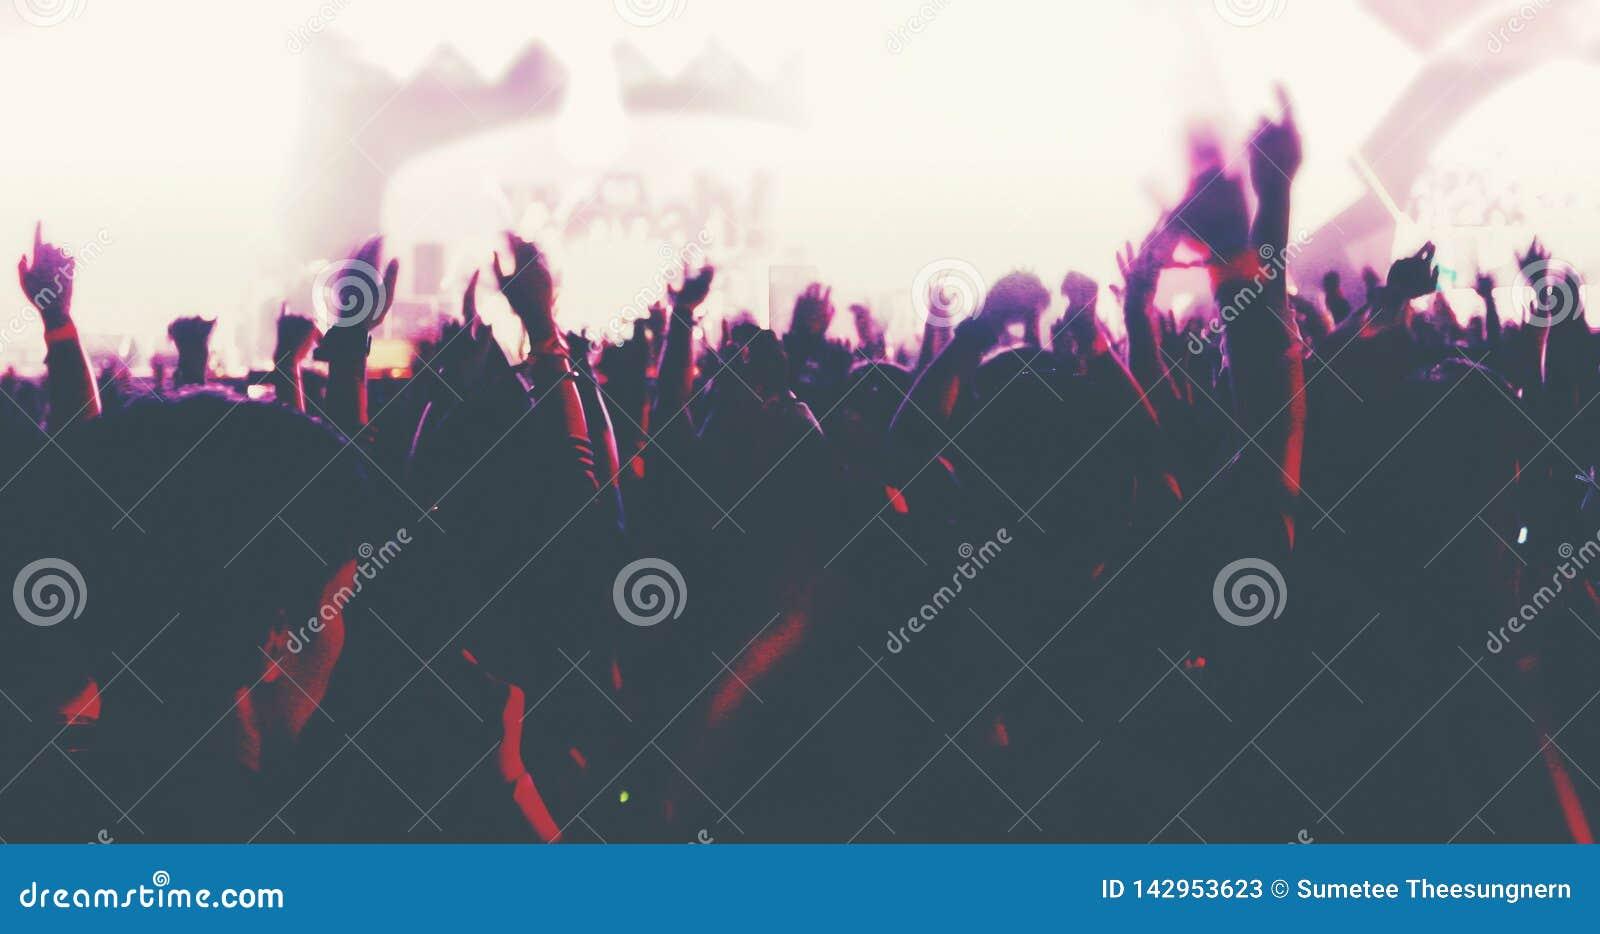 Borroso de siluetas de la muchedumbre del concierto en la vista posterior de la muchedumbre del festival el aumento de sus manos